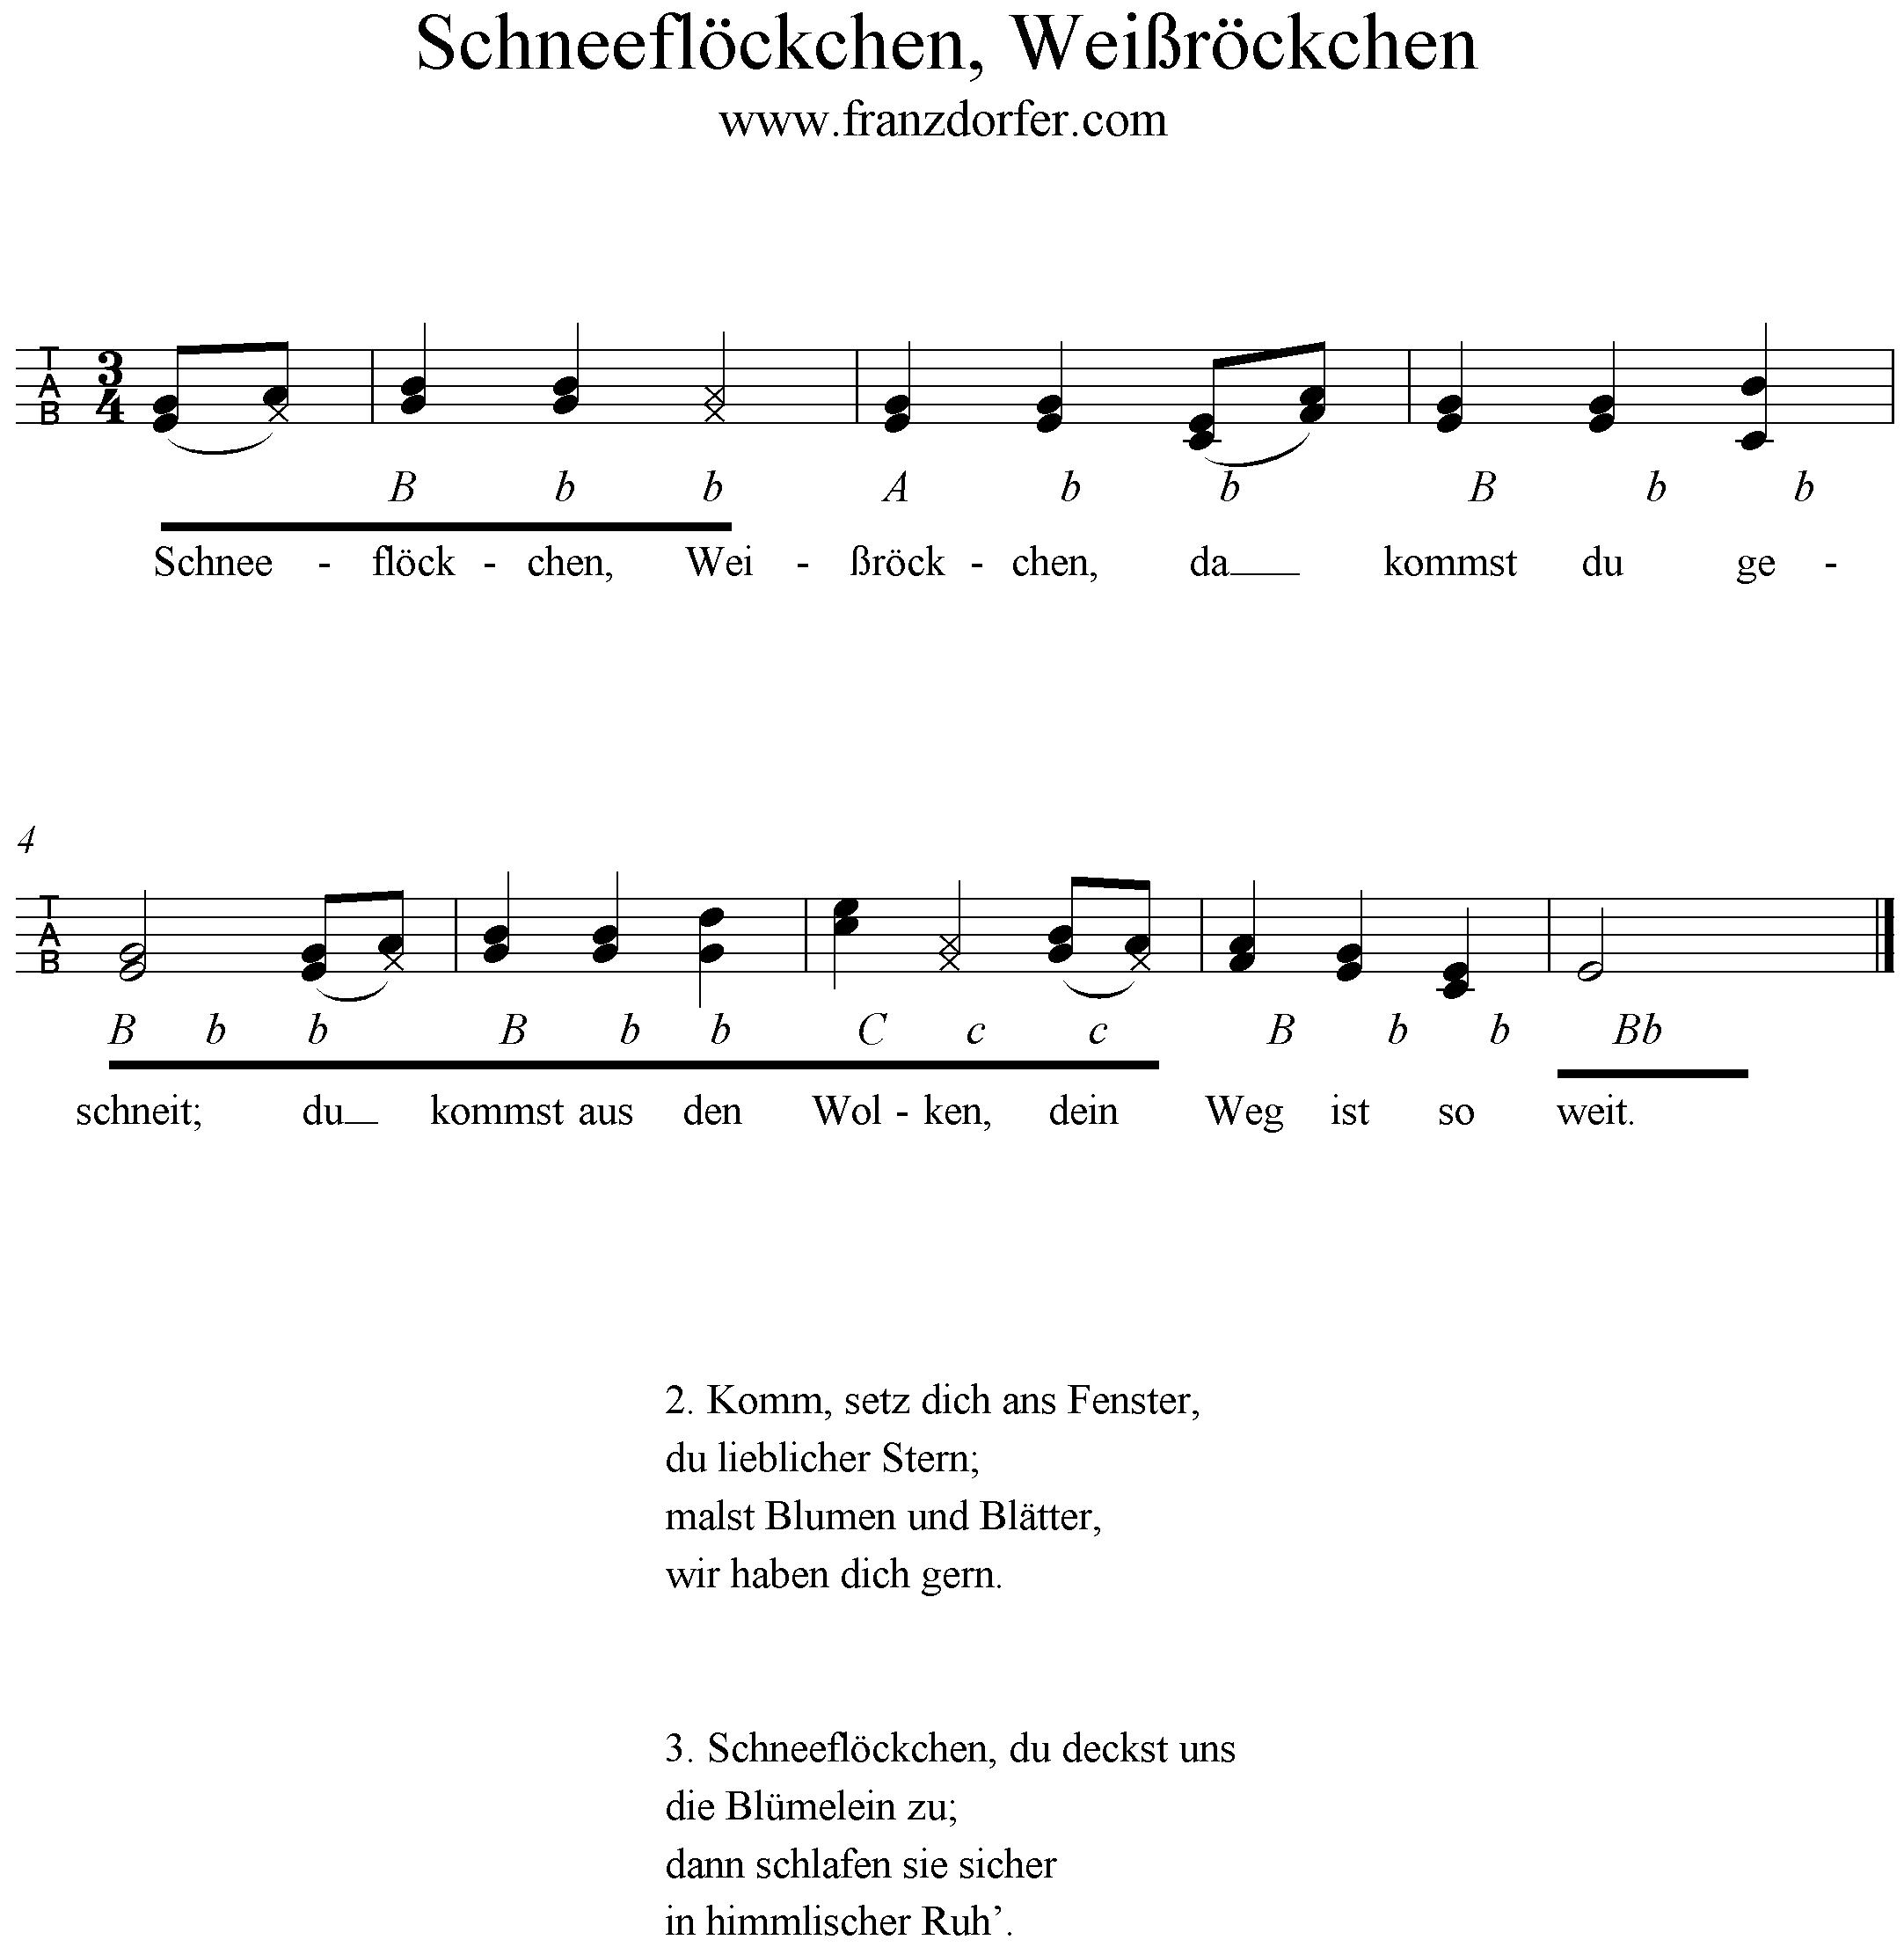 Lied Schneeflöckchen Weißröckchen Text